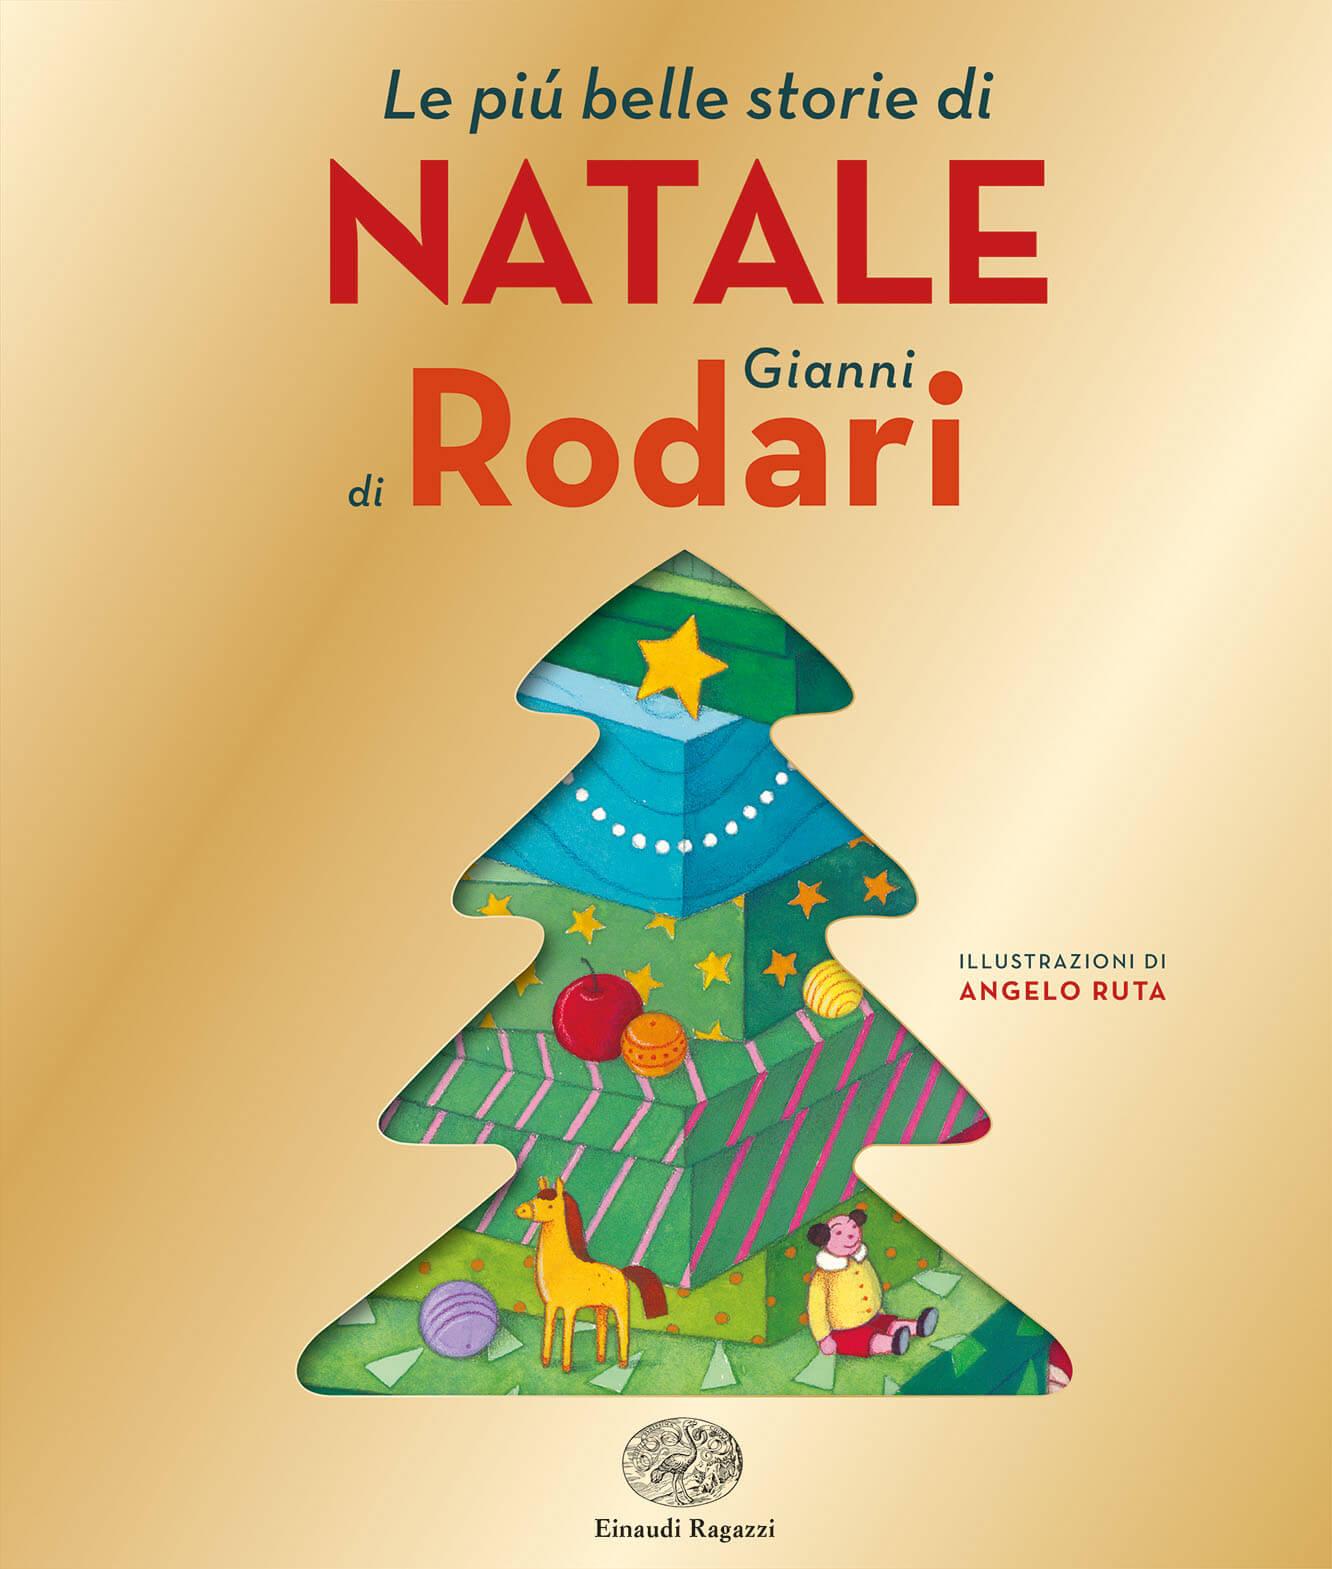 Poesie Di Natale In Rima.Le Piu Belle Storie Di Natale Di Gianni Rodari Rodari Ruta Einaudi Ragazzi